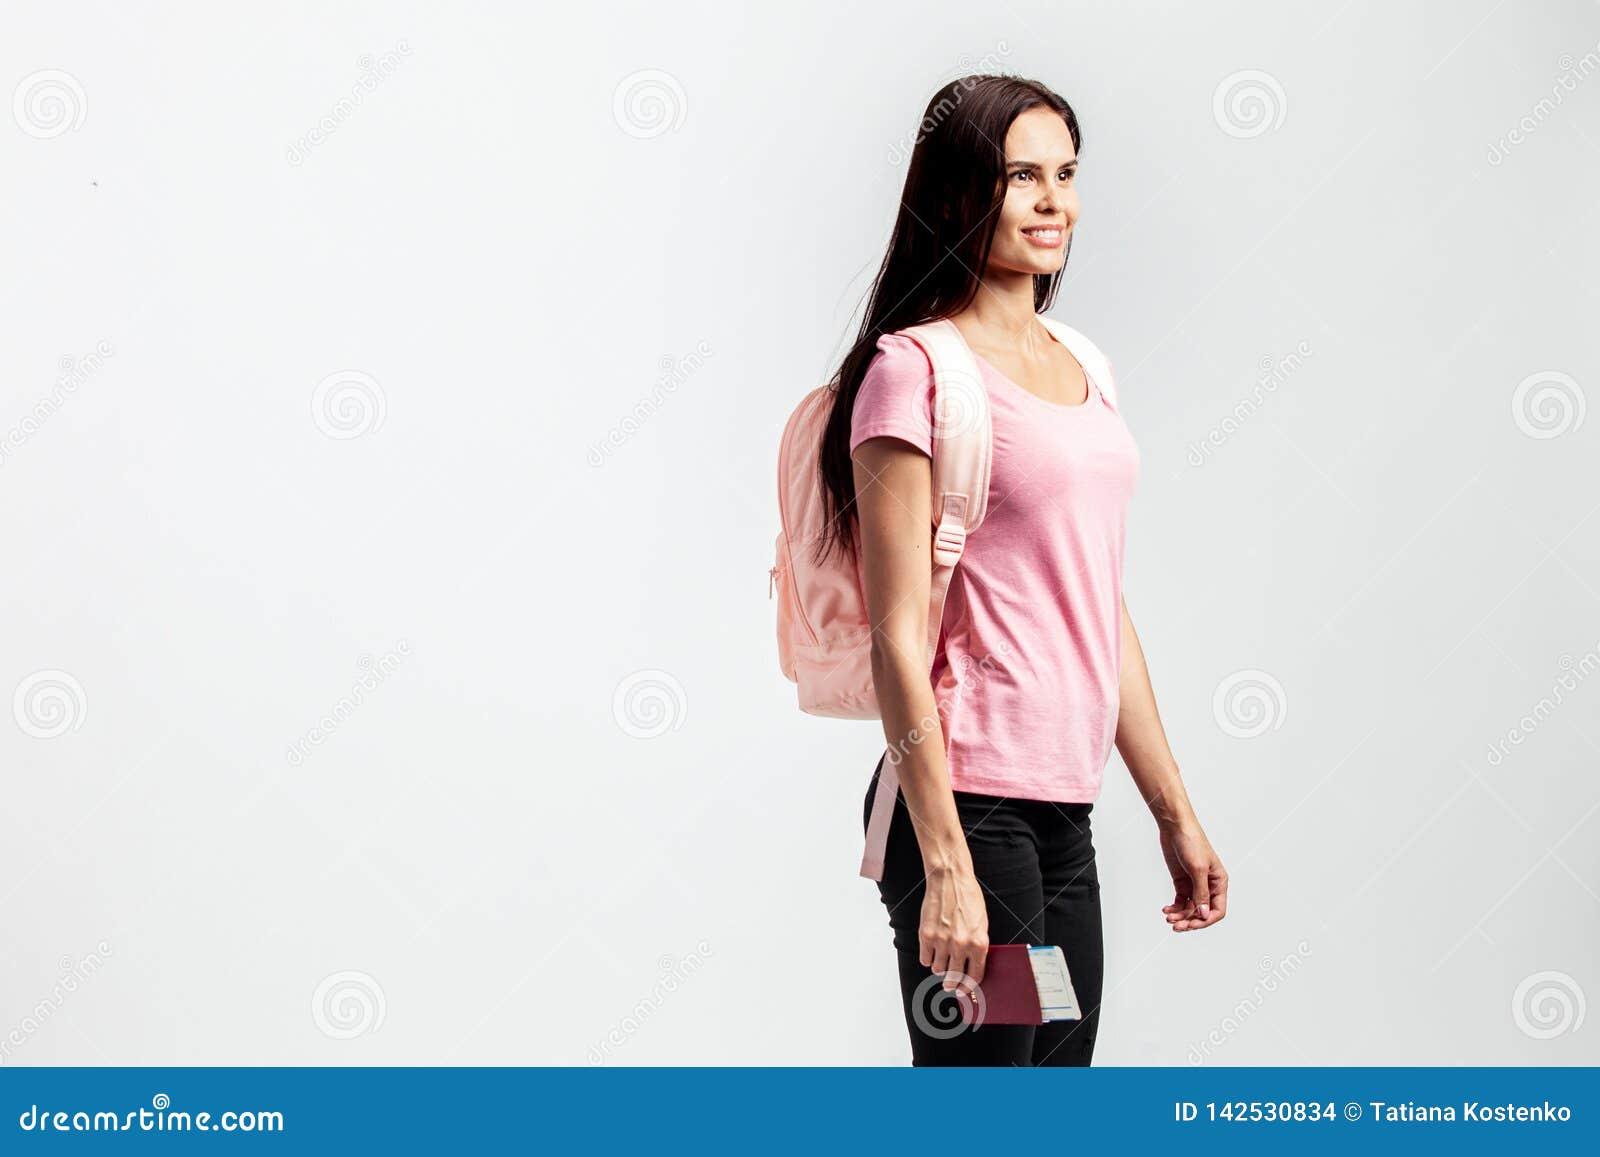 Mädchen mit einem Rucksack auf ihren Schultern angekleidet im rosa T-Shirt